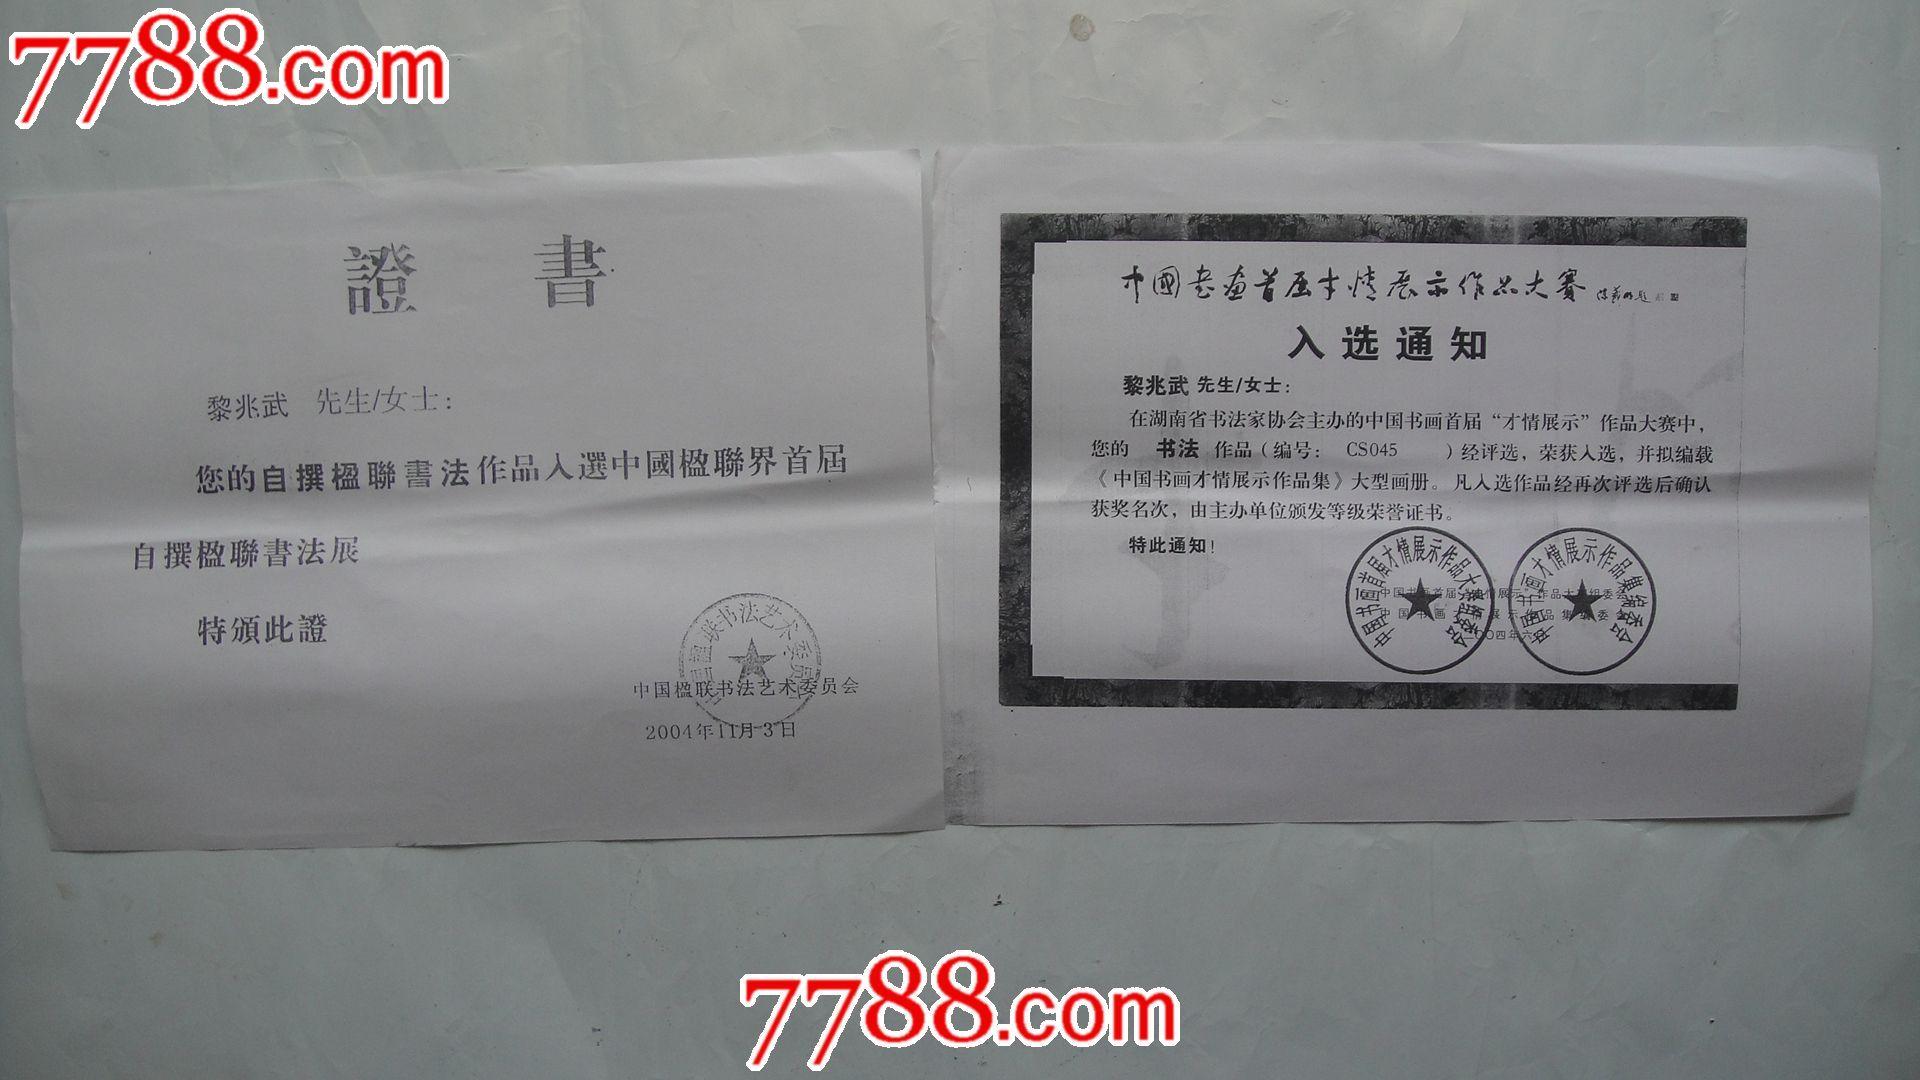 安徽省书法家协会入会申请表(黎兆武)带有各类获奖证书复印件图片